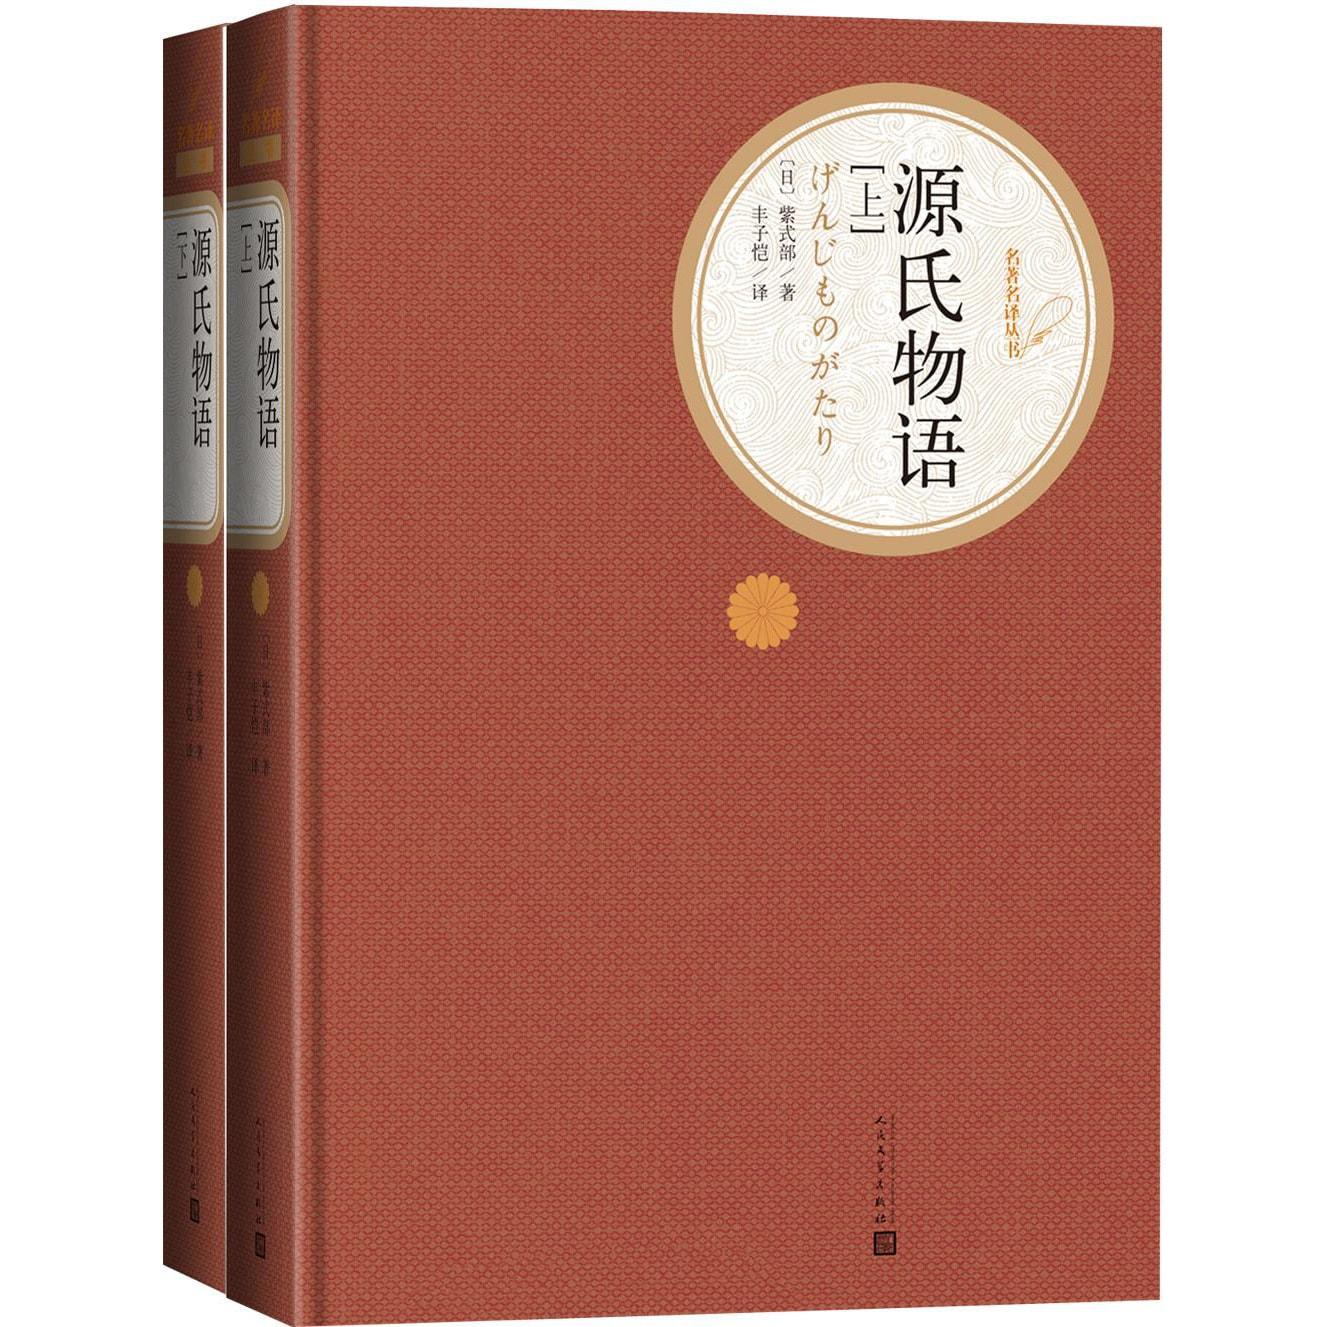 名著名译丛书 源氏物语(套装上下册) 怎么样 - 亚米网